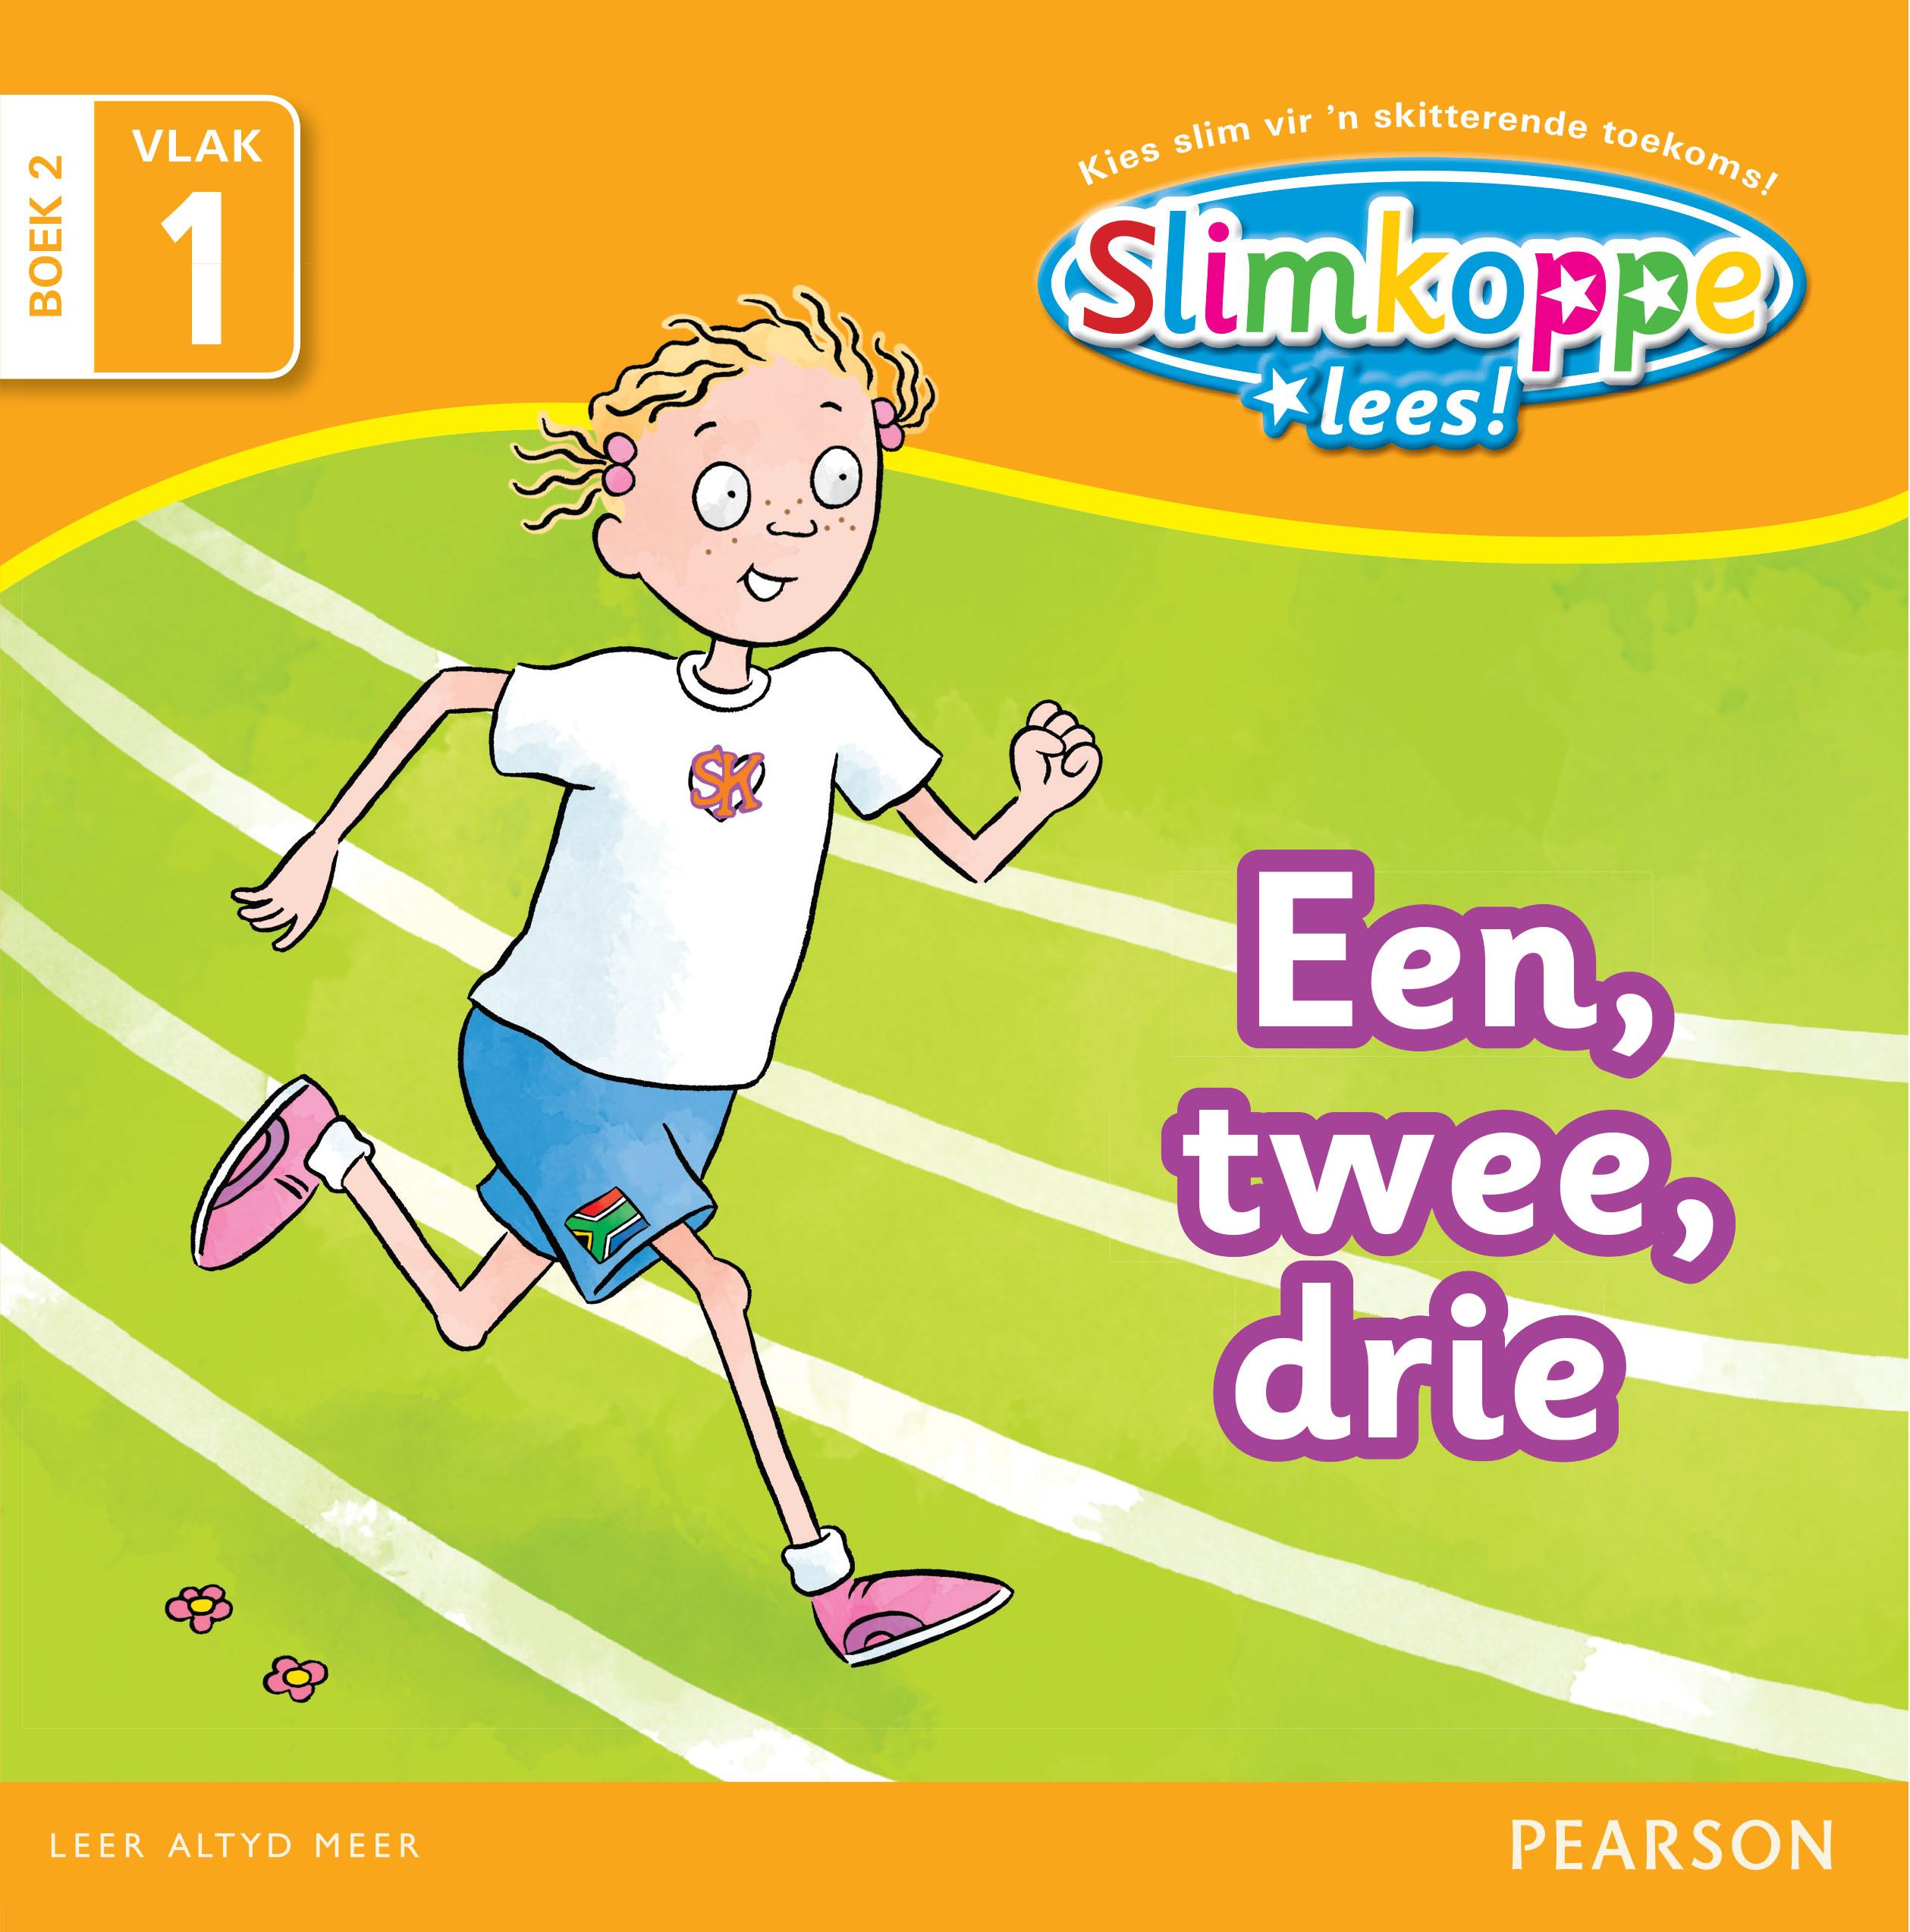 Picture of Slimkoppe Lees: Een, twee, drie: Grade R, Grade 1, Grade 2: Vlak 1, Boek 2